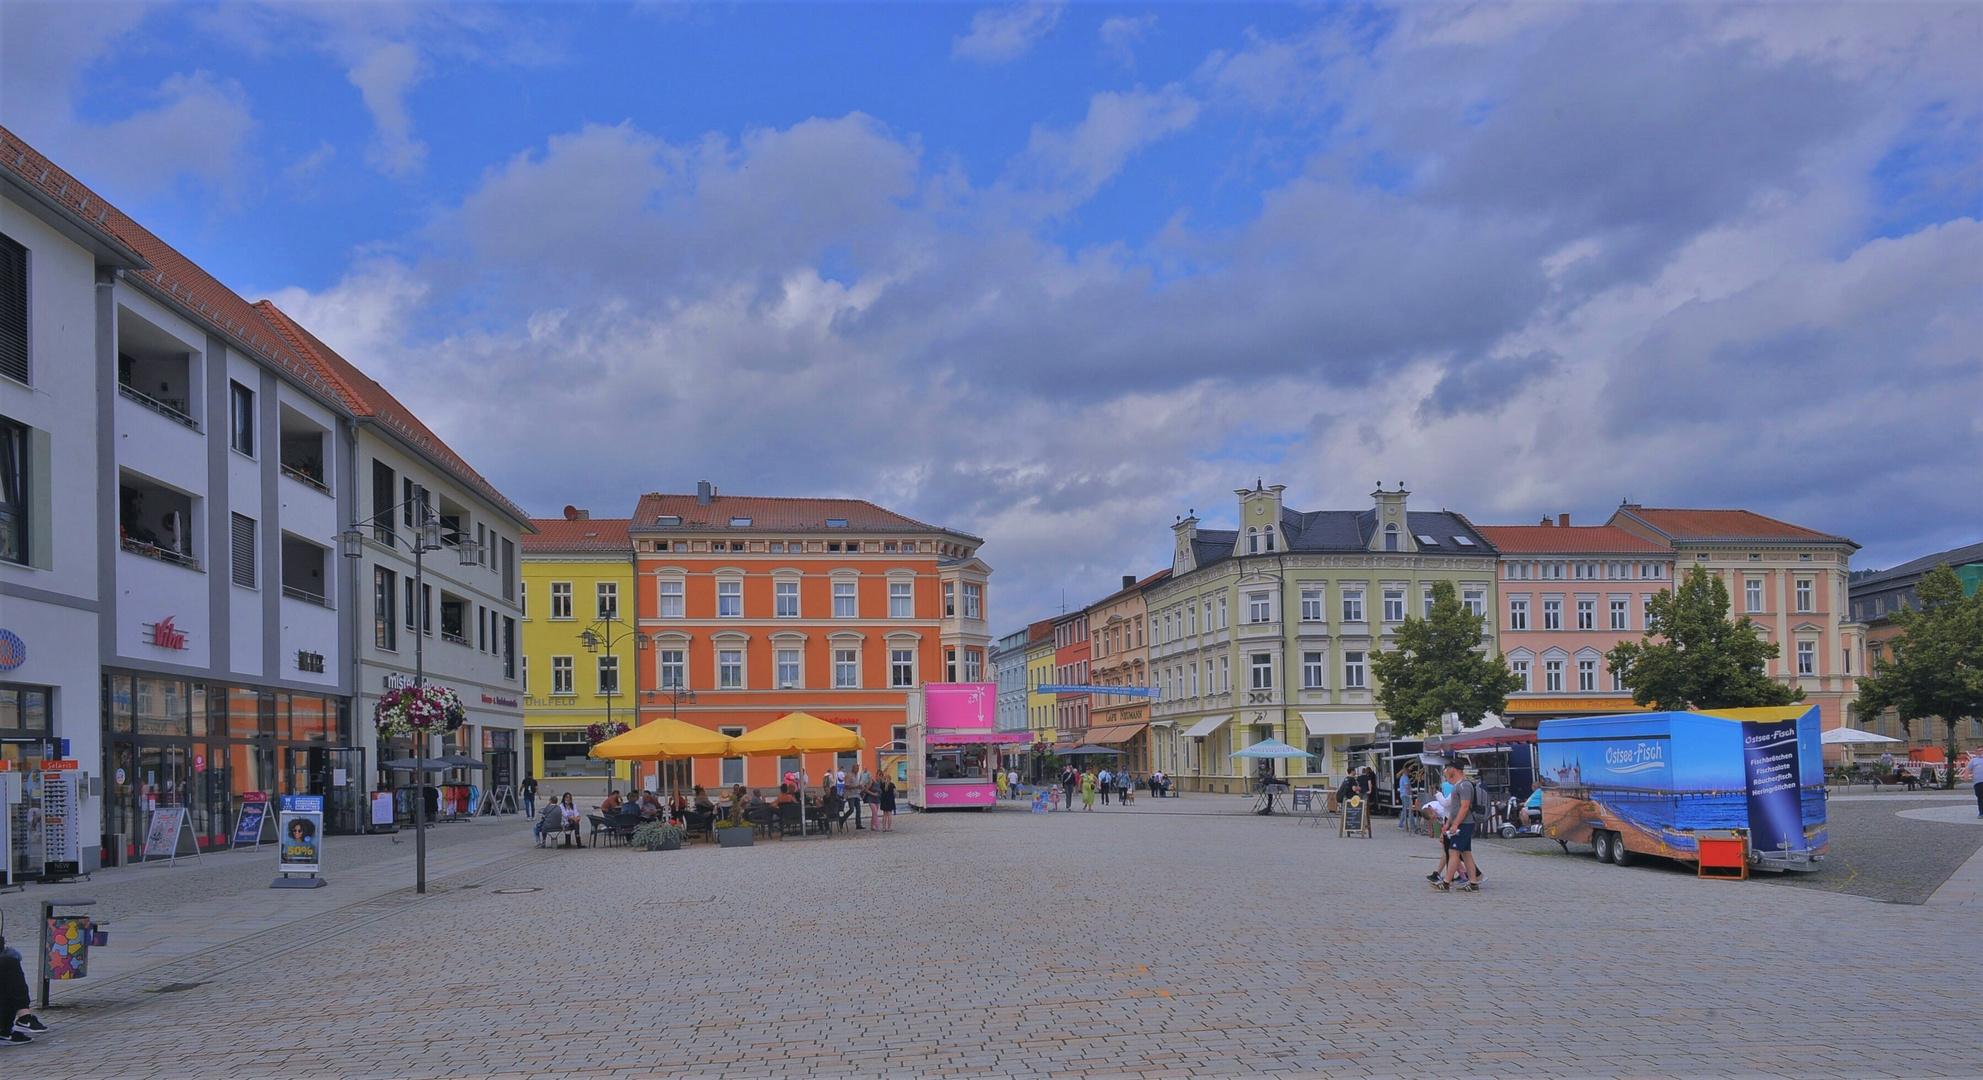 Maktplatz in Meiningen (la plaza mayor en Meiningen)